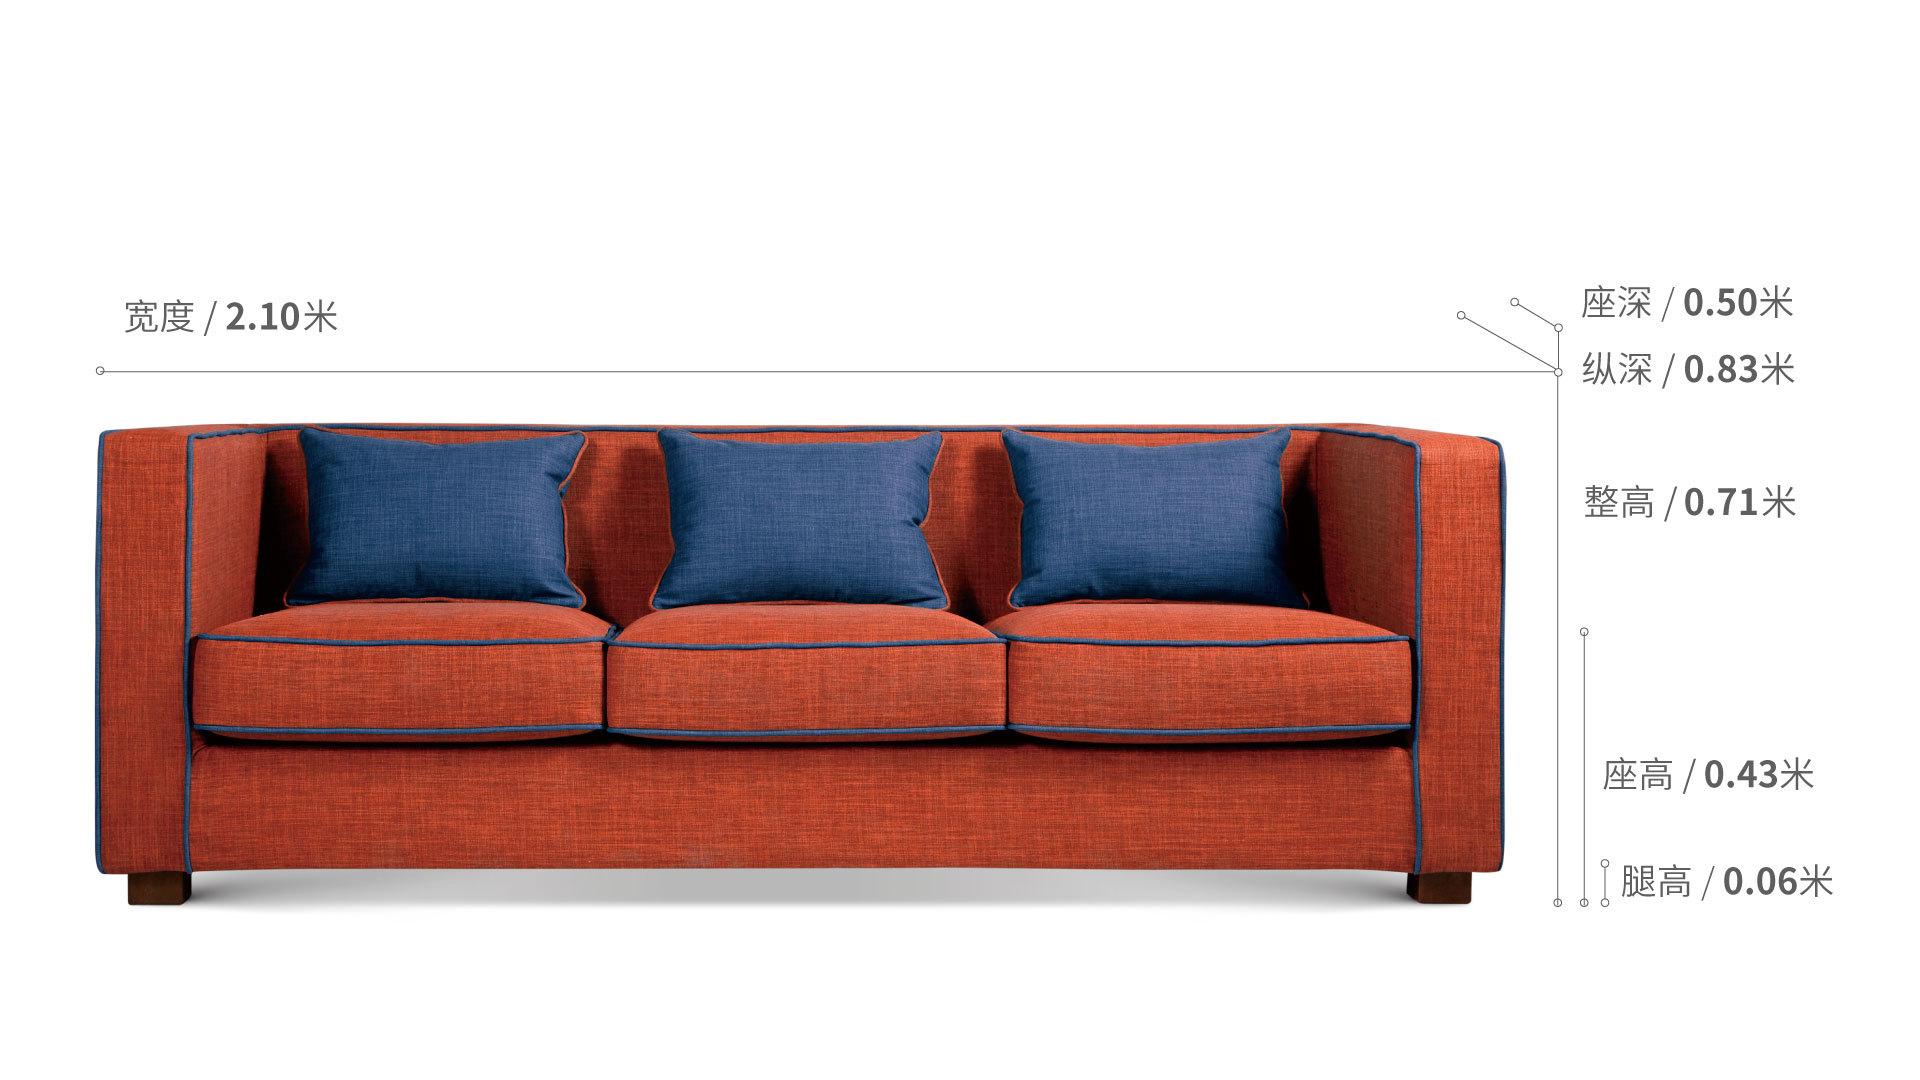 作业本沙发三人座沙发效果图